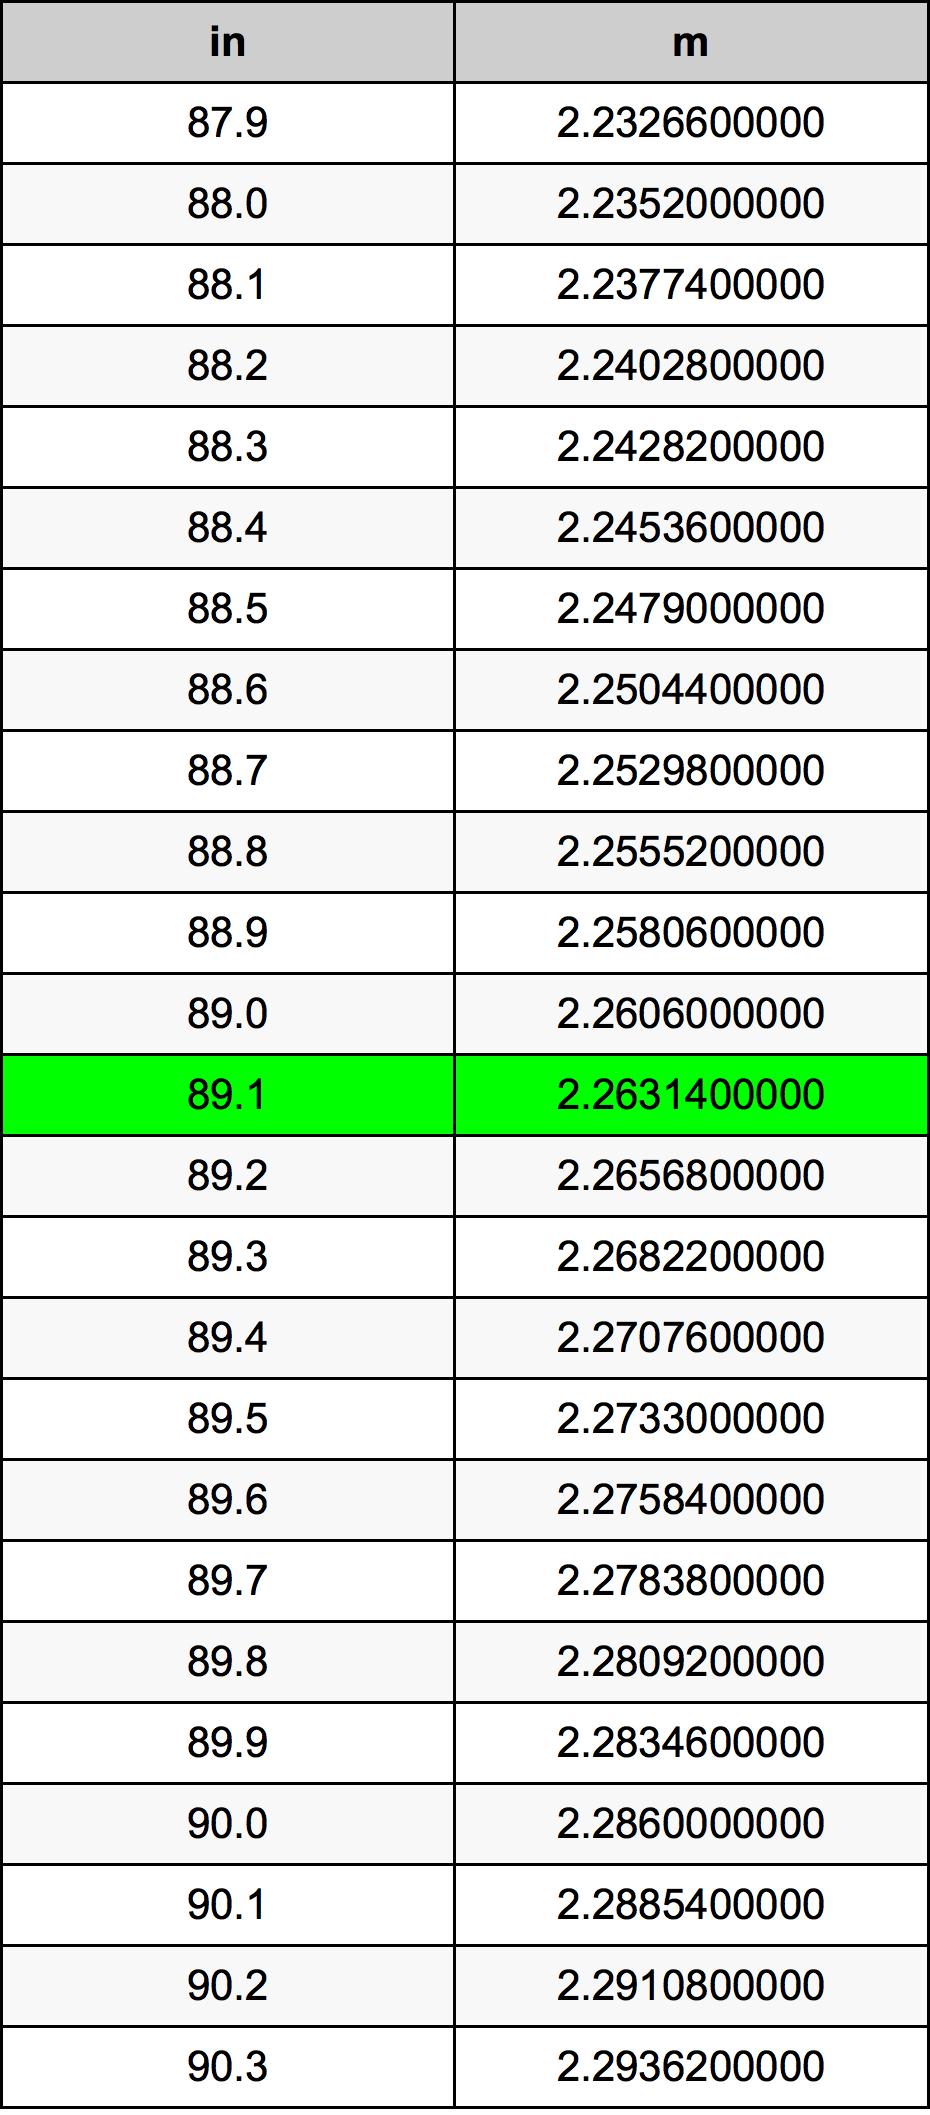 89.1 Pouce table de conversion